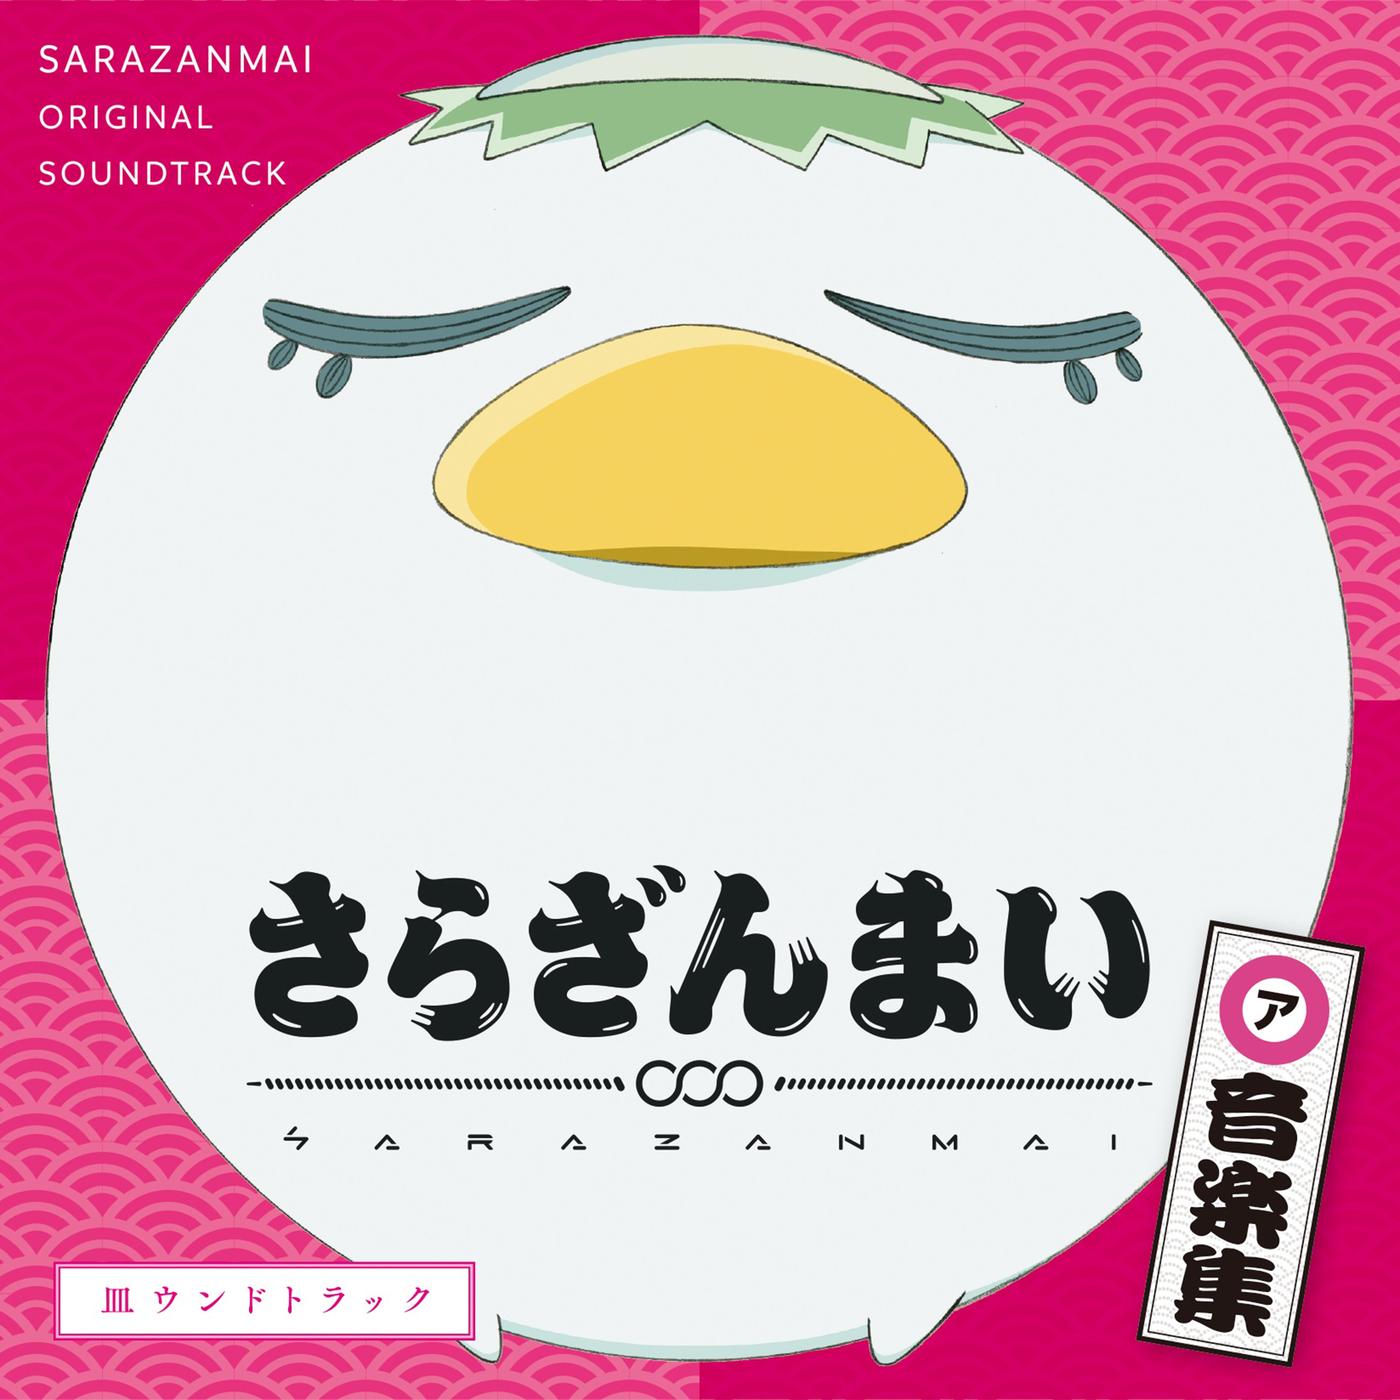 SARAZANMAI ONGAKUSHU SARAUNDOTRACK (Original Soundtrack) - SARAZANMAI